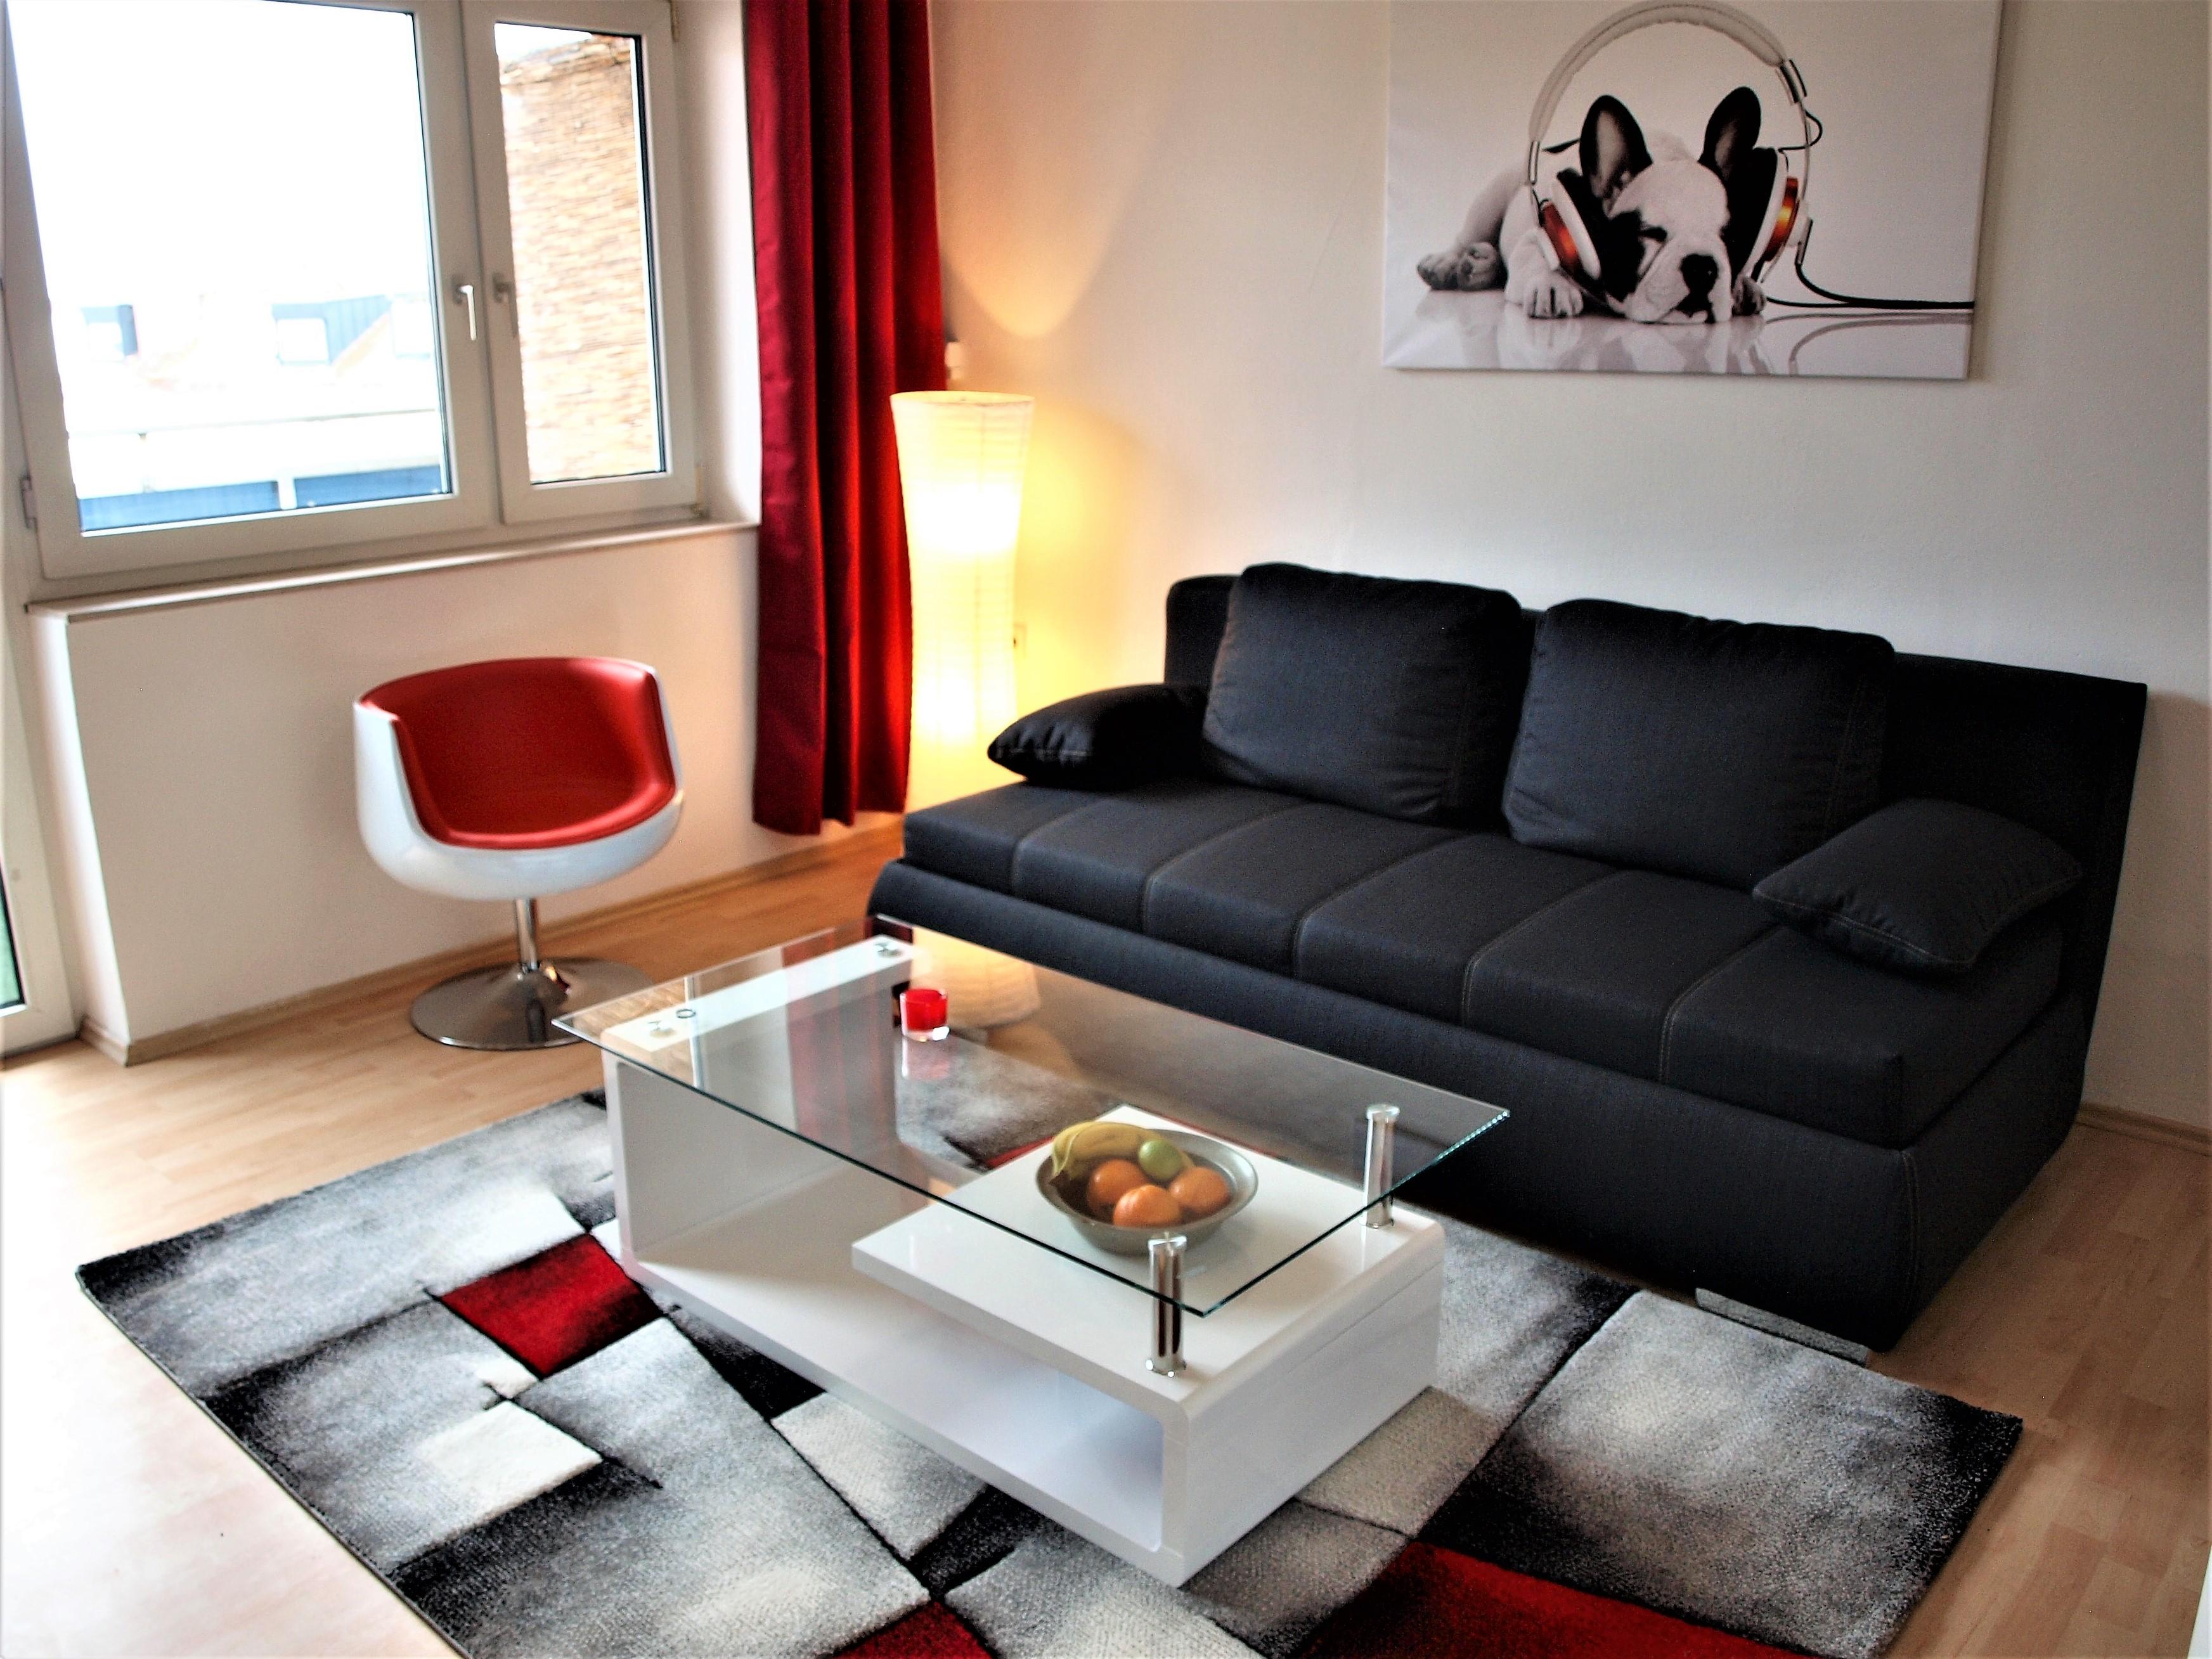 Immobilienverkauf in Nürnberg und Umgebung